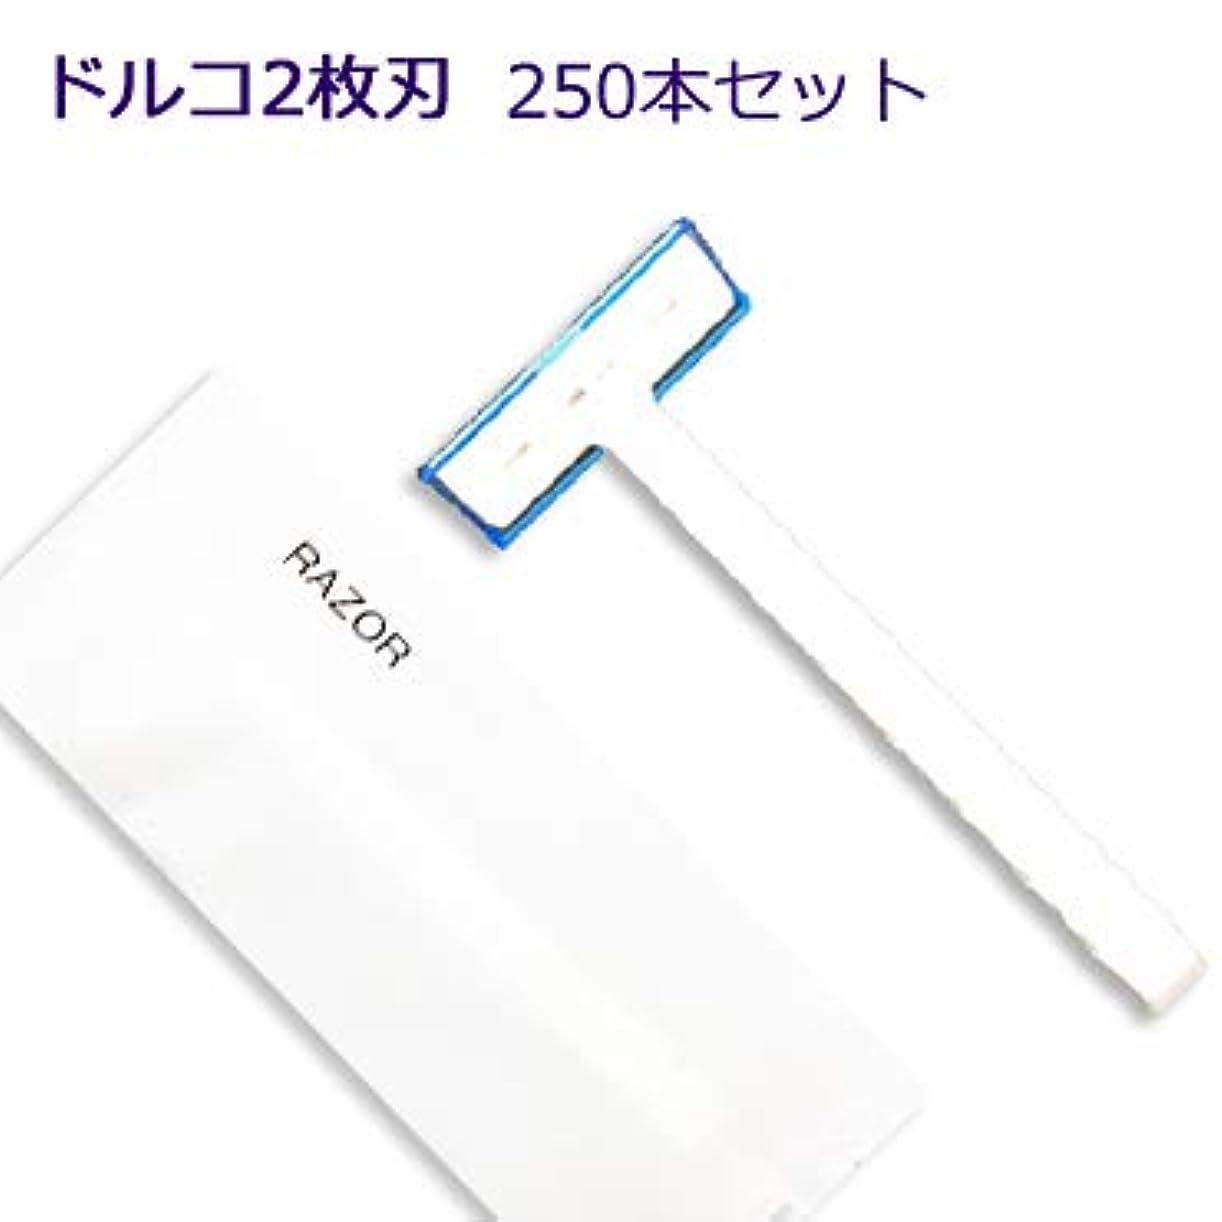 説得力のあるパフ蓋ホテル業務用 カミソリ マットシリーズ ドルコ 2枚刃 (1セット250本入)